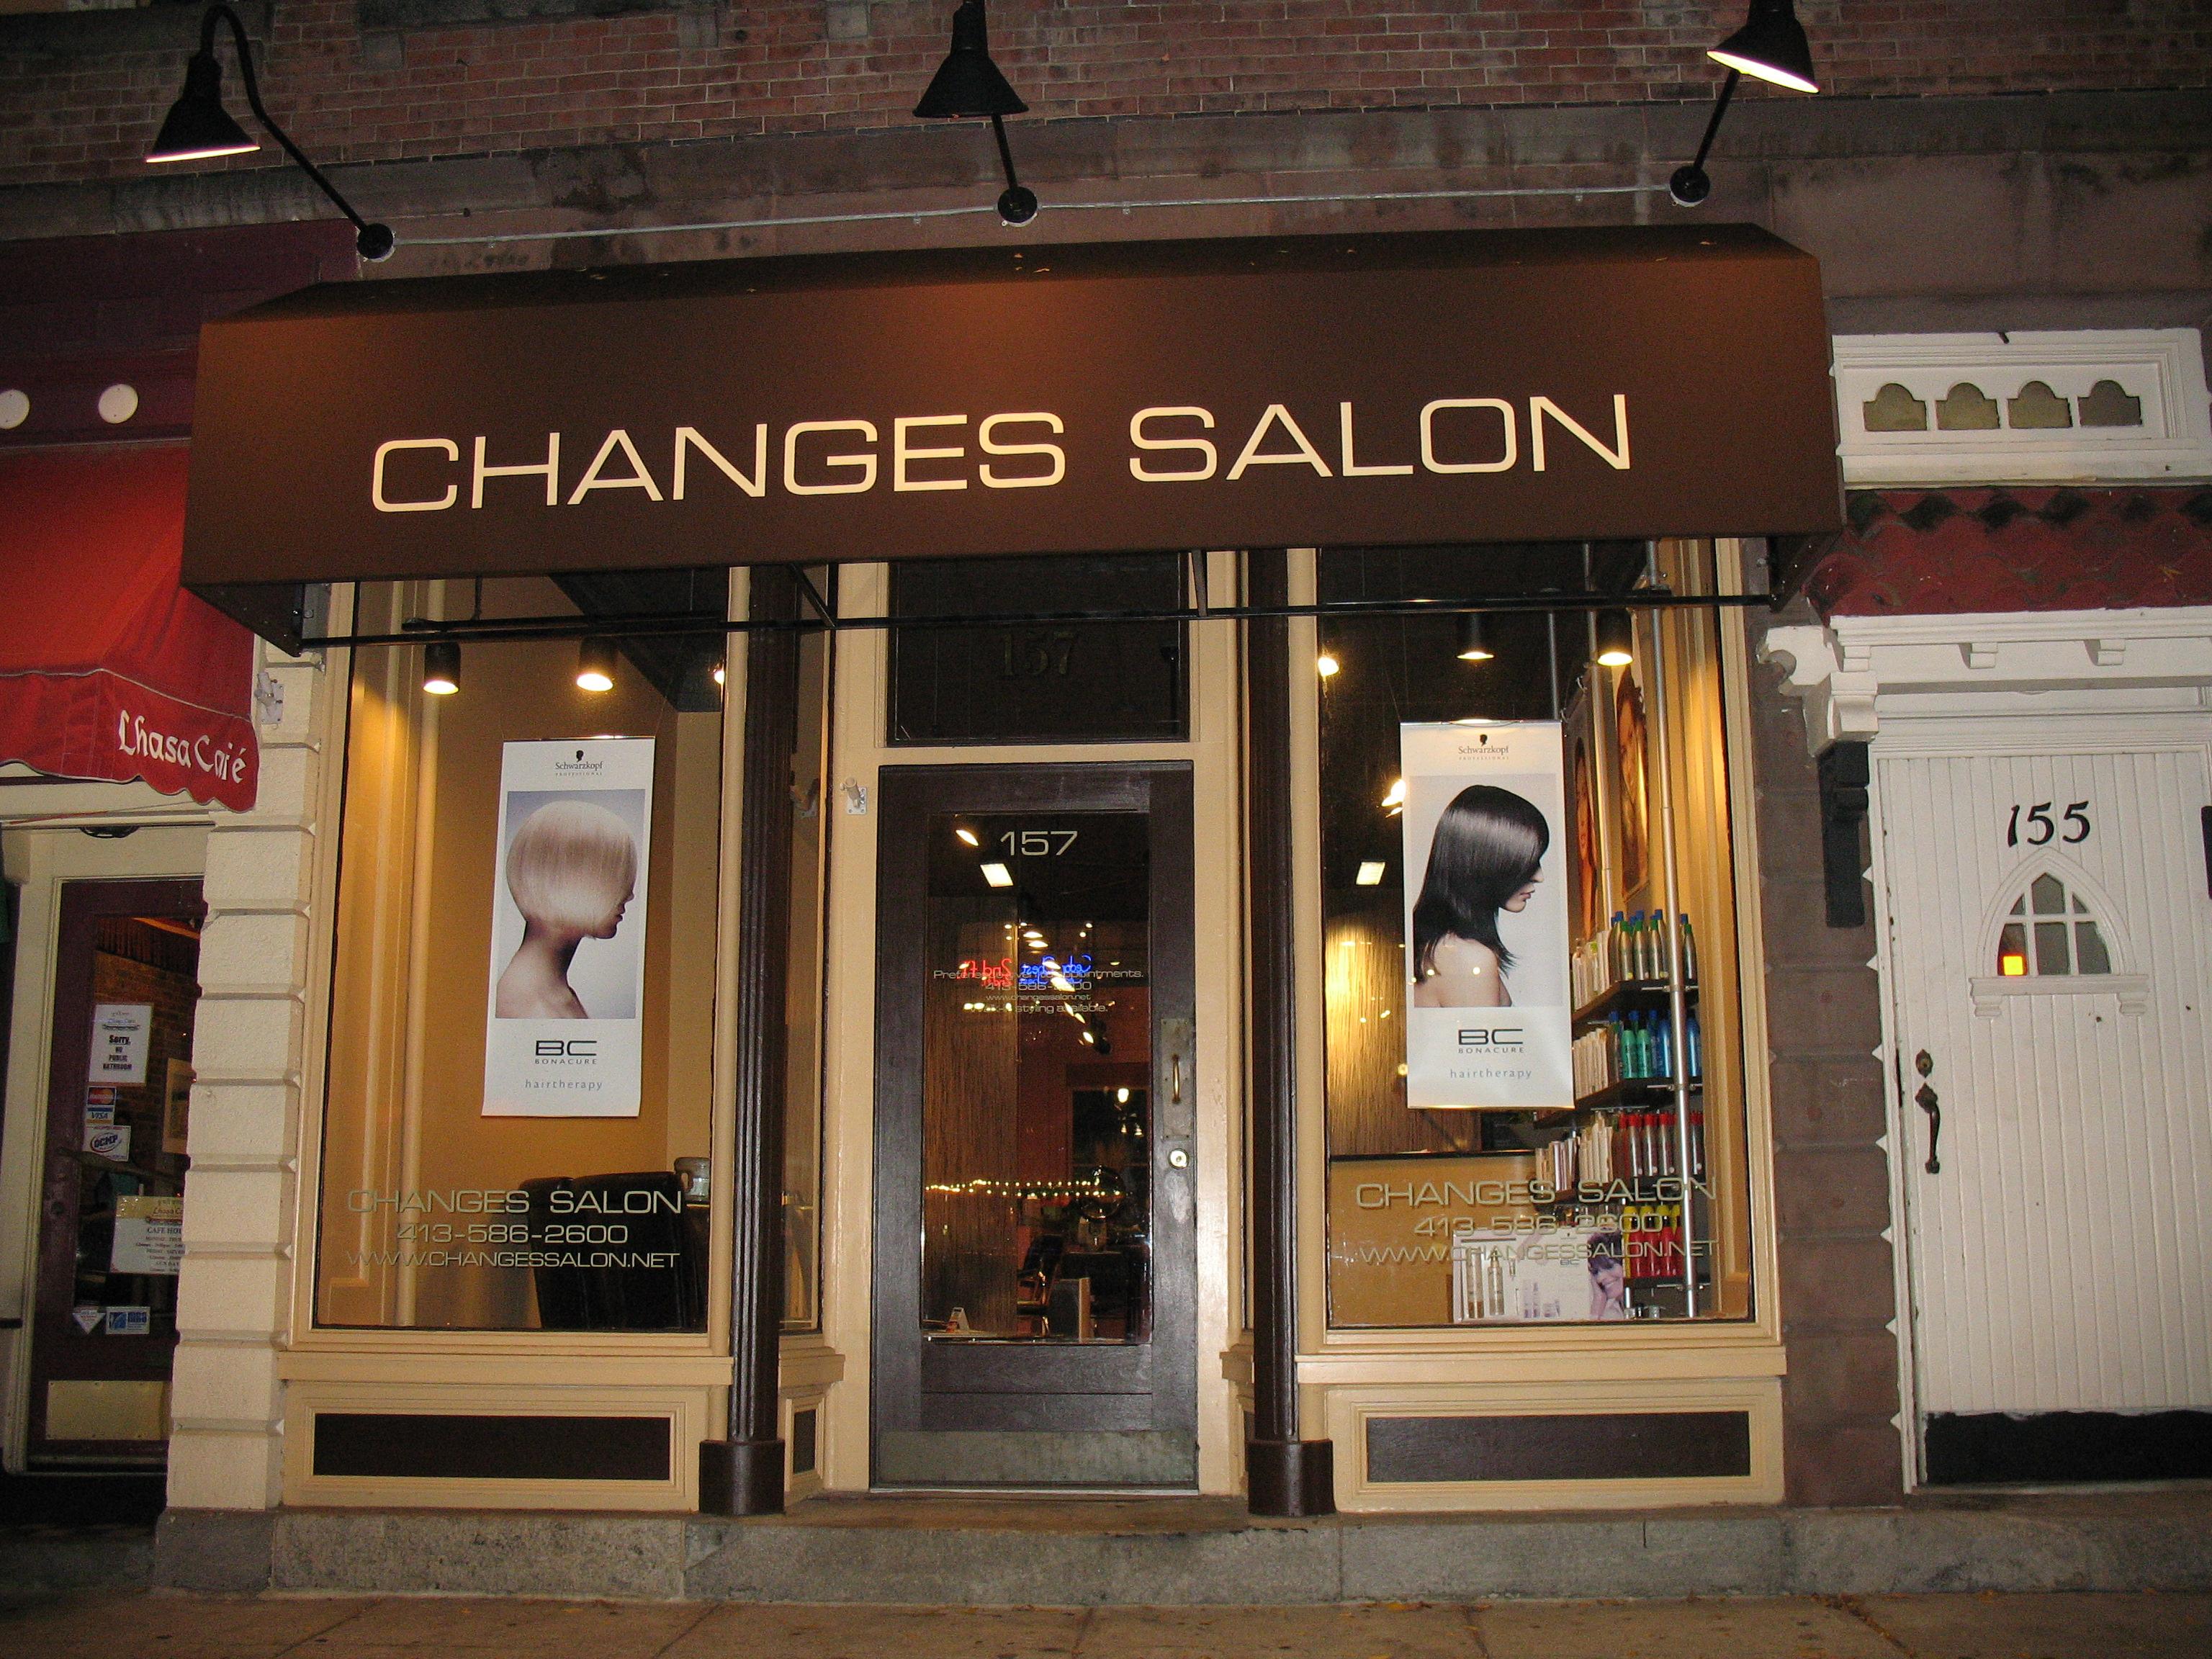 Changes Salon